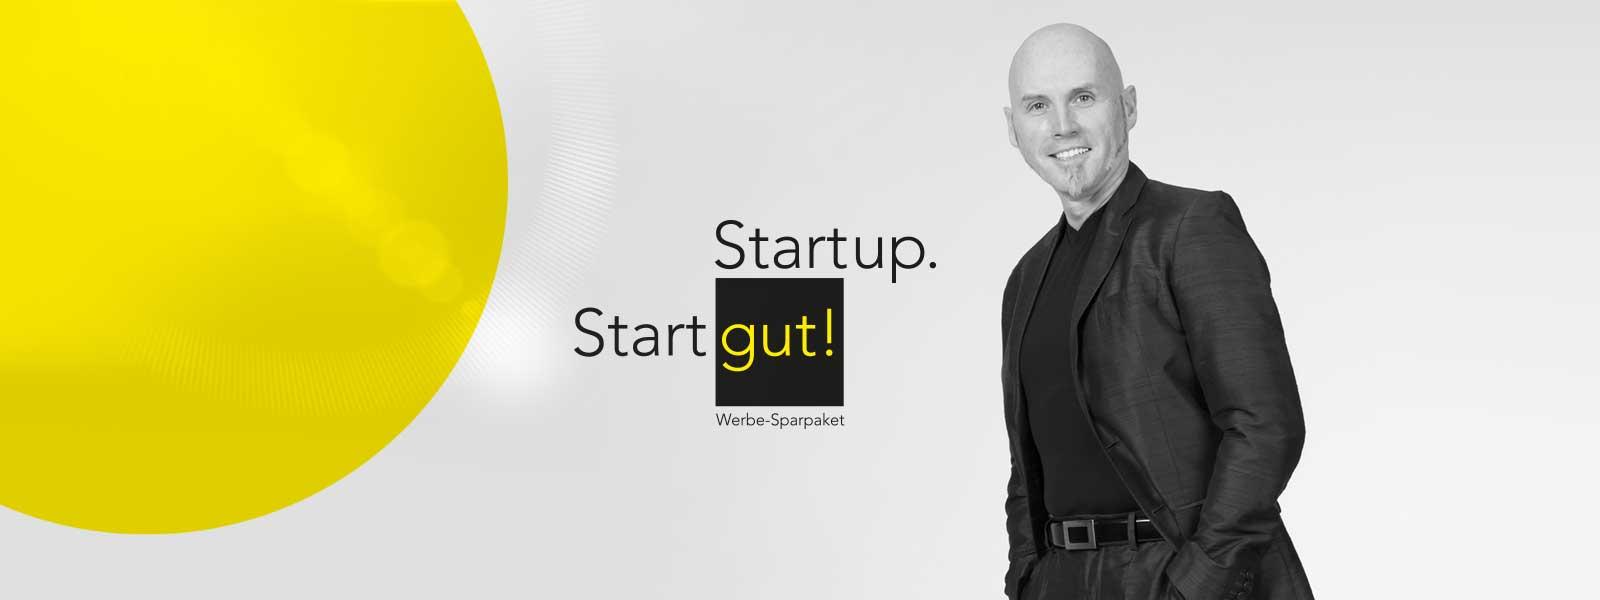 sonnenfroh werbeagentur Altenriet - Startup